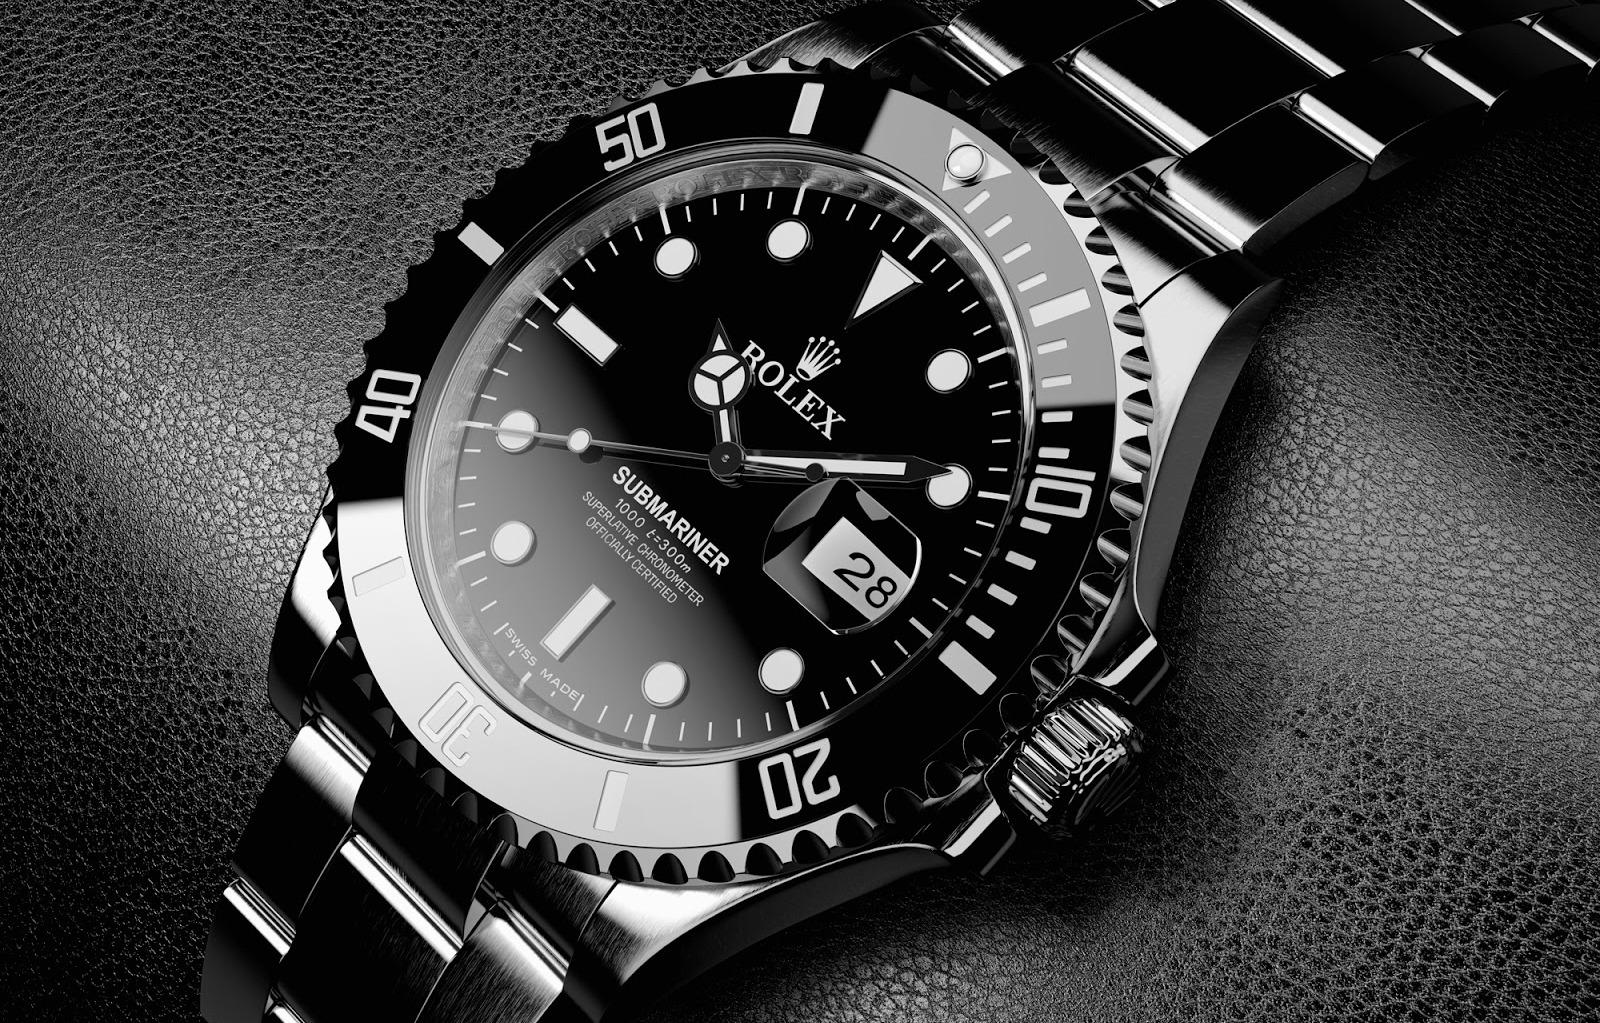 اسعار ساعات Rolex فى مصر 2020